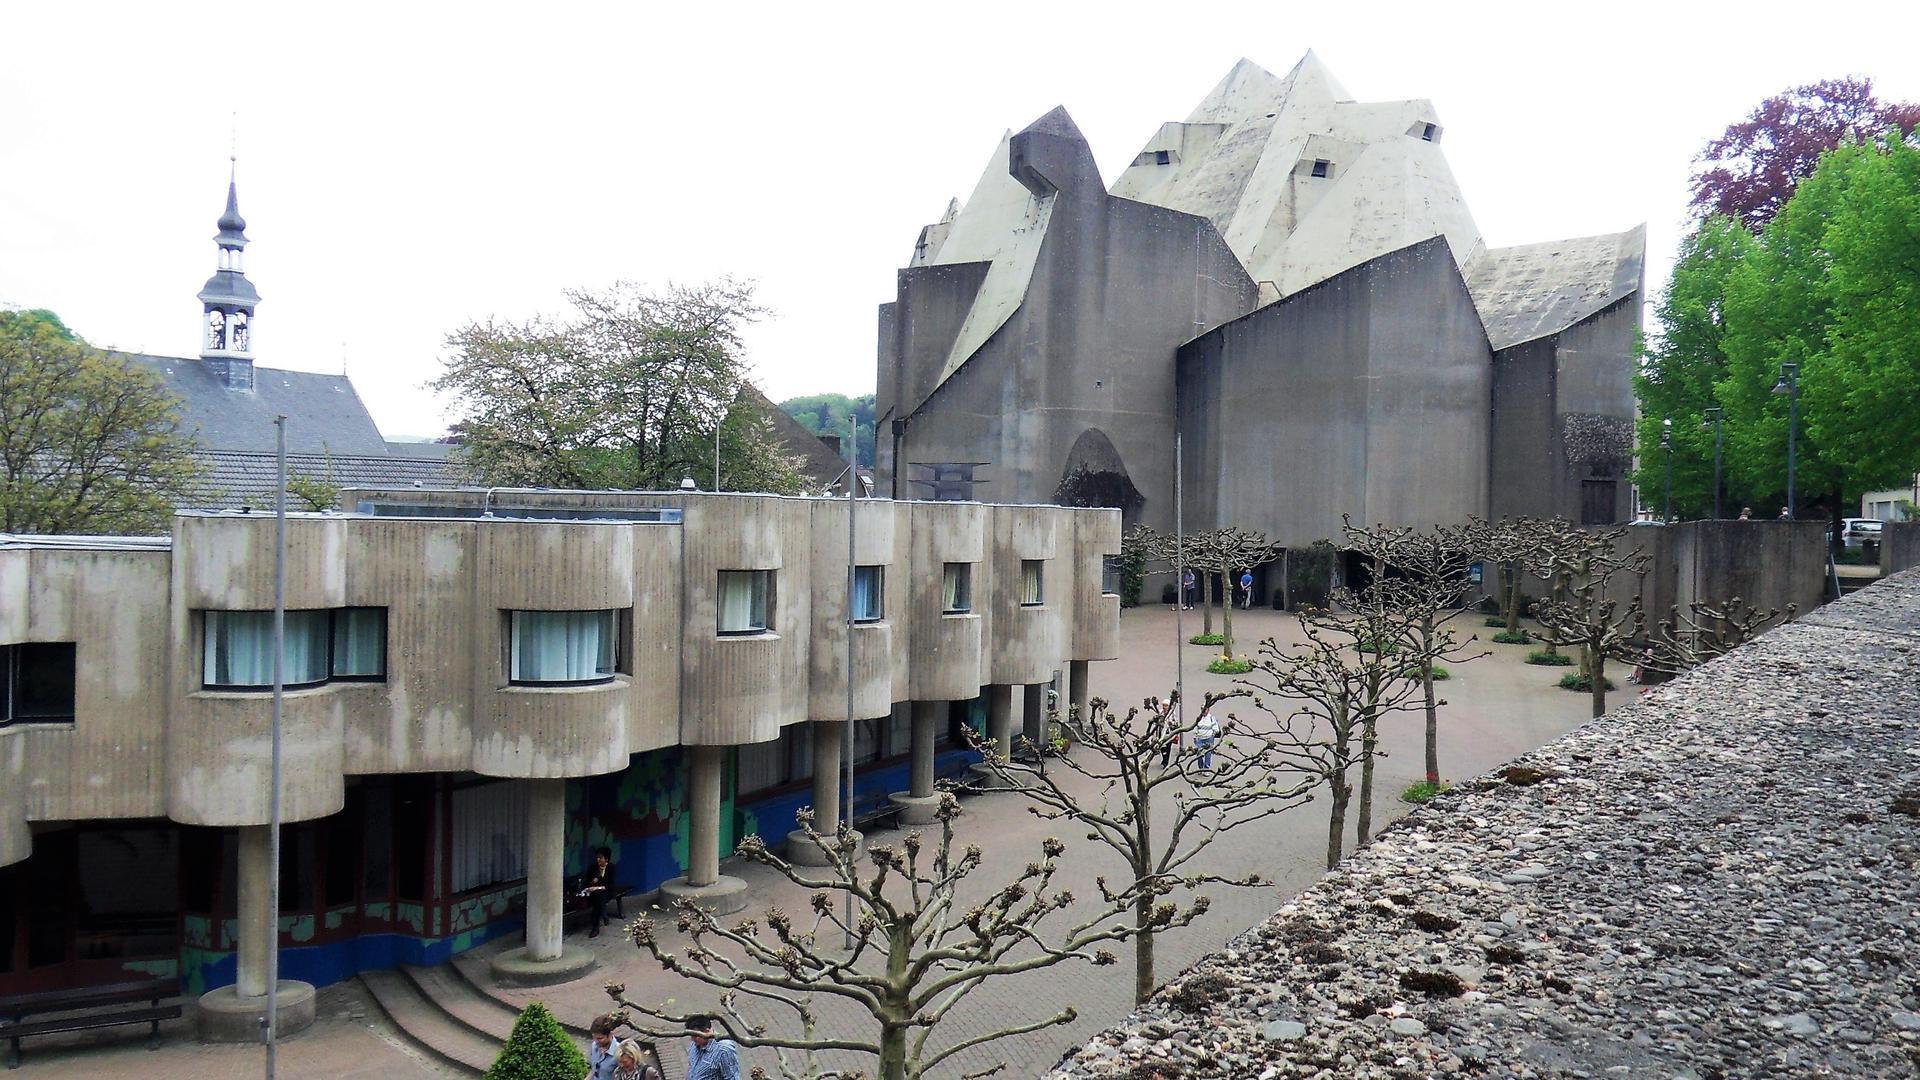 Sakrales Hauptwerk: Die Wallfahrtskirche in Neviges im Bergischen Land ist das herausragende Beispiel für den skulpturalen Stil des Architekten.